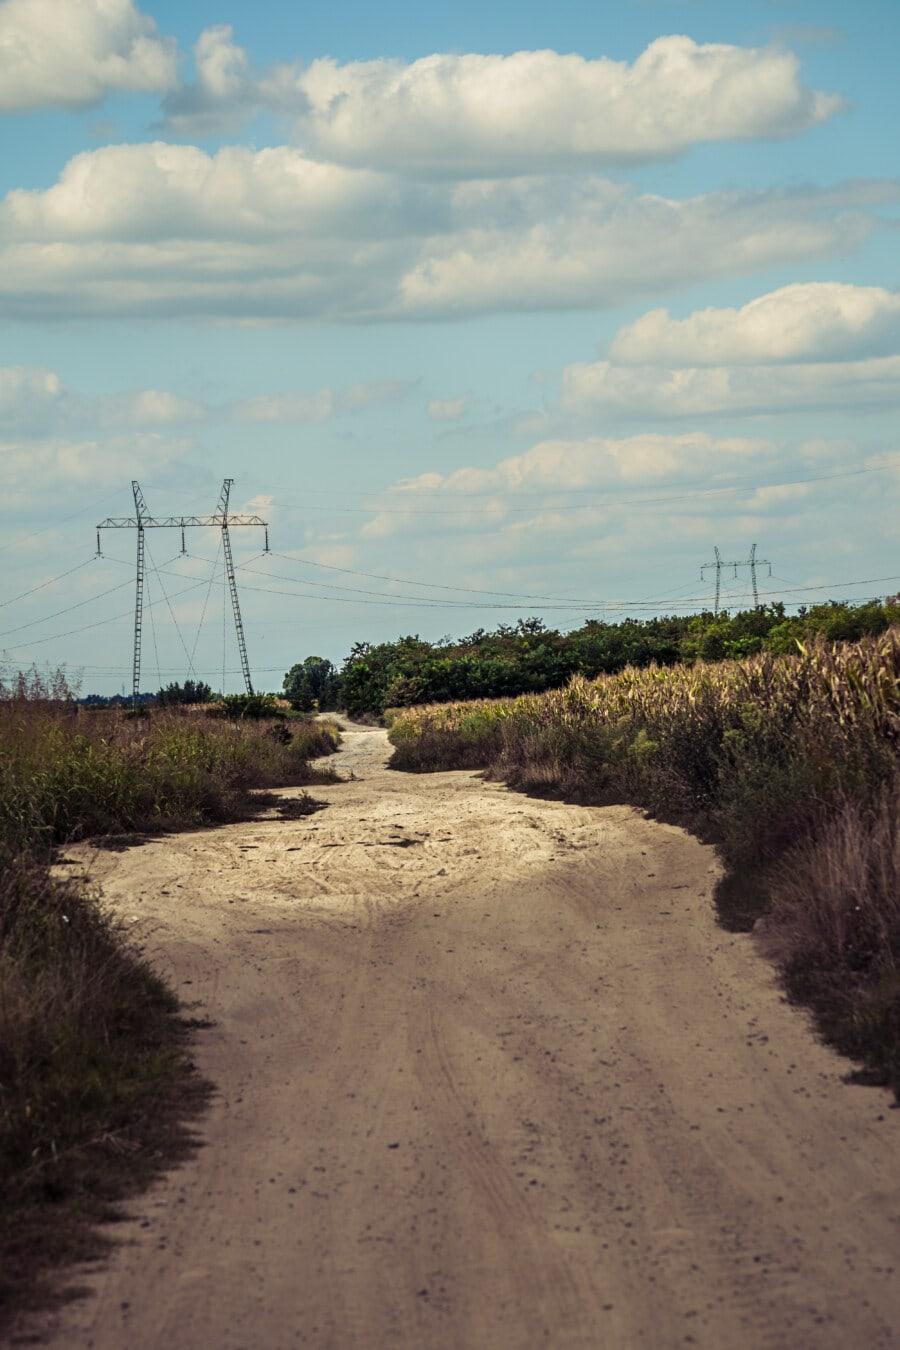 rural, Agriculture, Itinéraire, paysage, nature, herbe, lumière, environnement, domaine, à l'extérieur